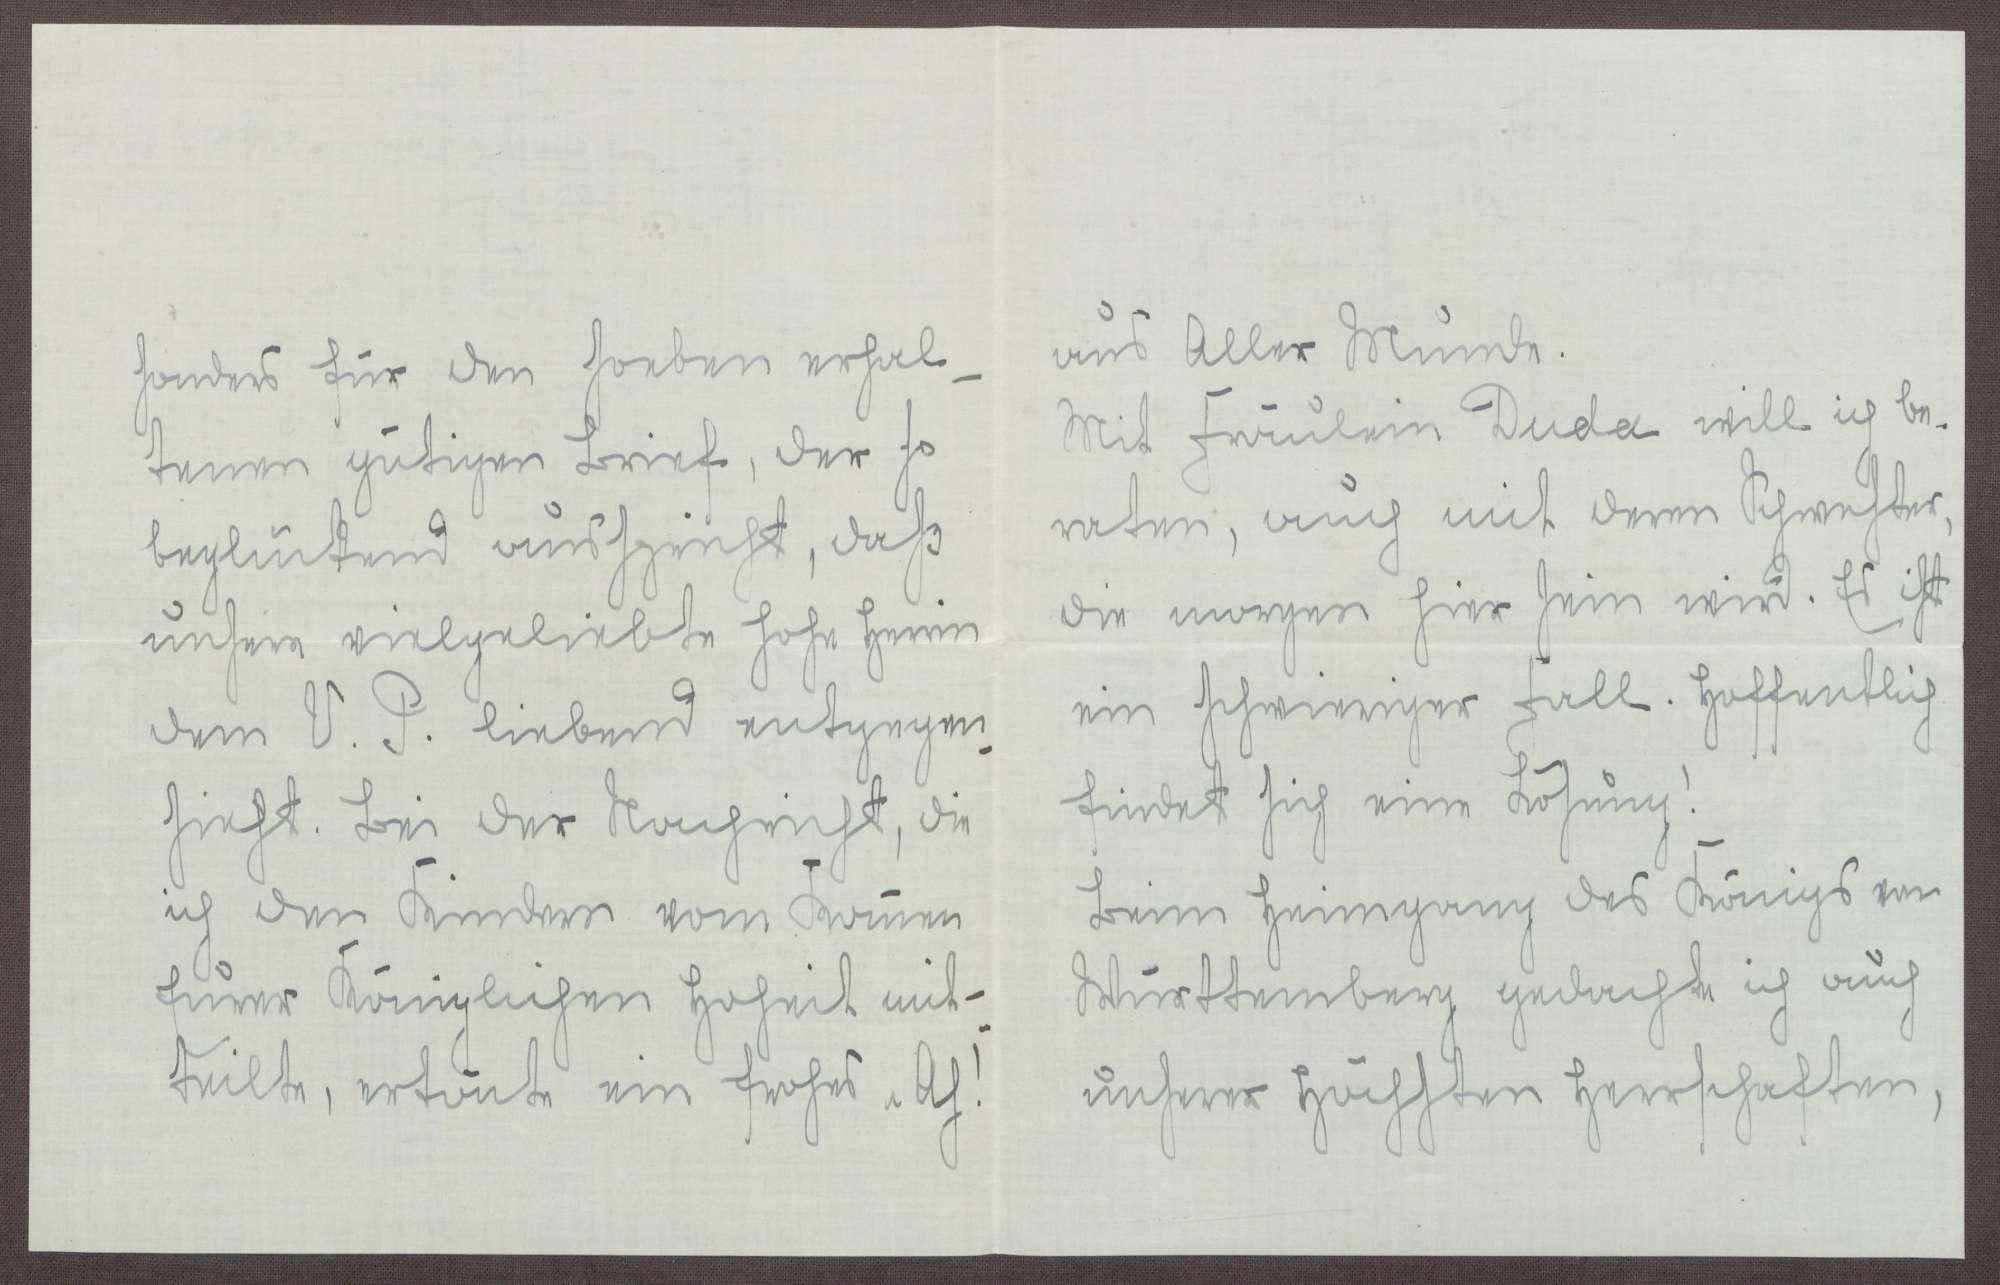 Schreiben von Emilie Göler an die Großherzogin Luise; Tod des Königs Wilhelm II. von Württemberg, Bild 2